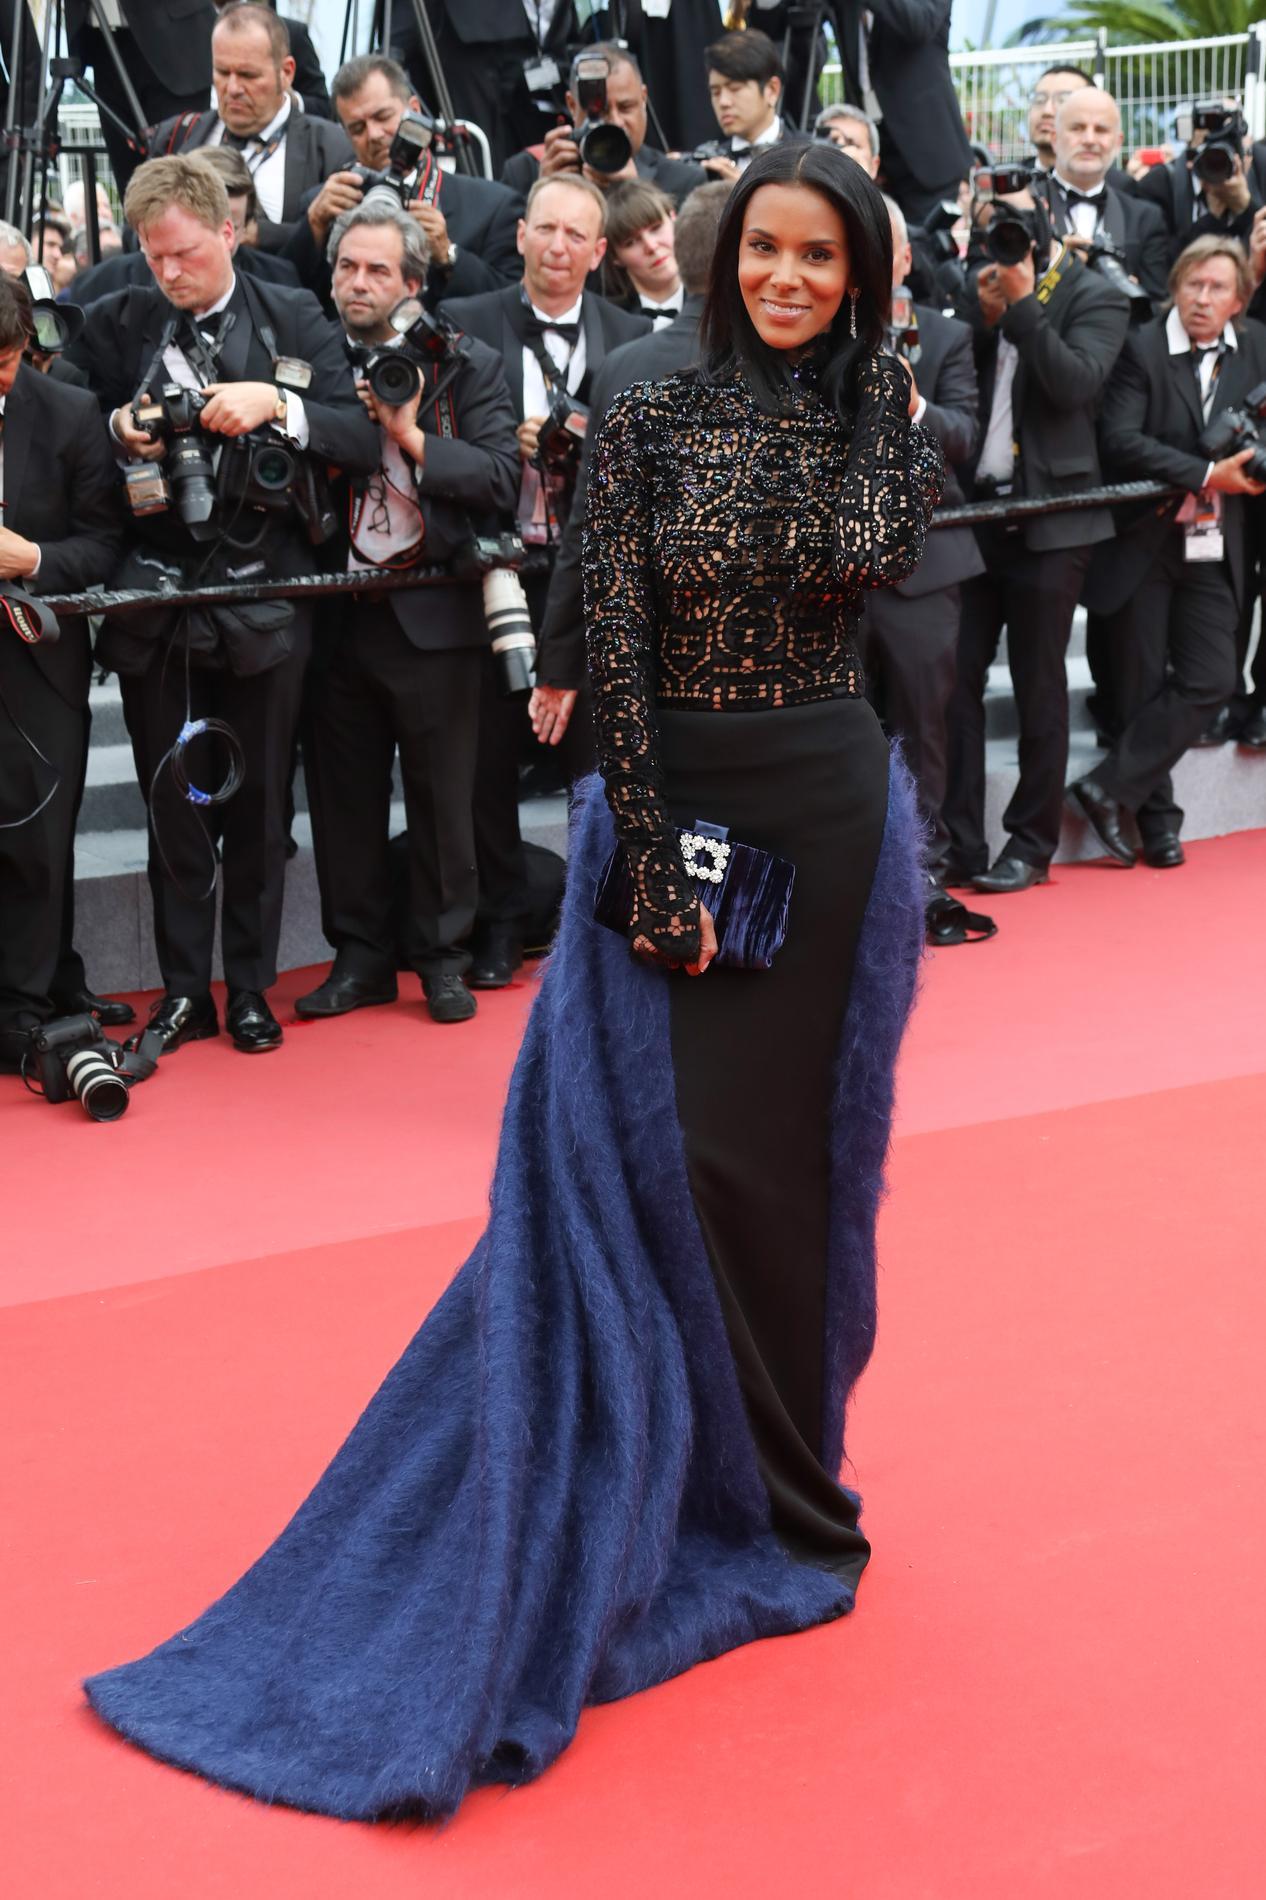 rouge fait flop à Cannes , Kristin Scott,Thomas Quand le tapis rouge  fait flop à Cannes , Annie Cordy Quand le tapis rouge fait flop à Cannes ,  Capucine